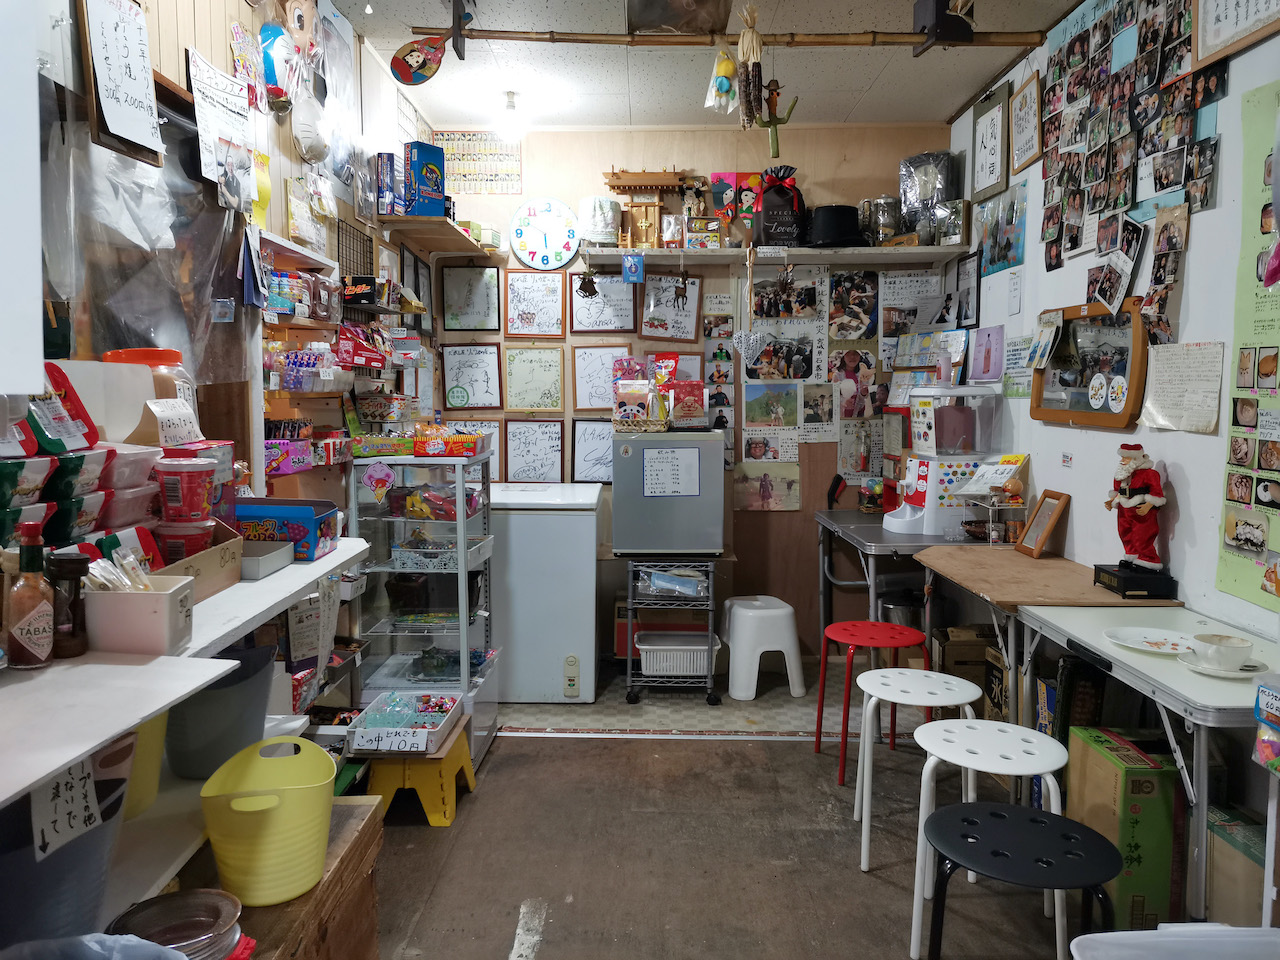 いながきの駄菓子屋探訪28千葉県船橋市リュウ君の店1